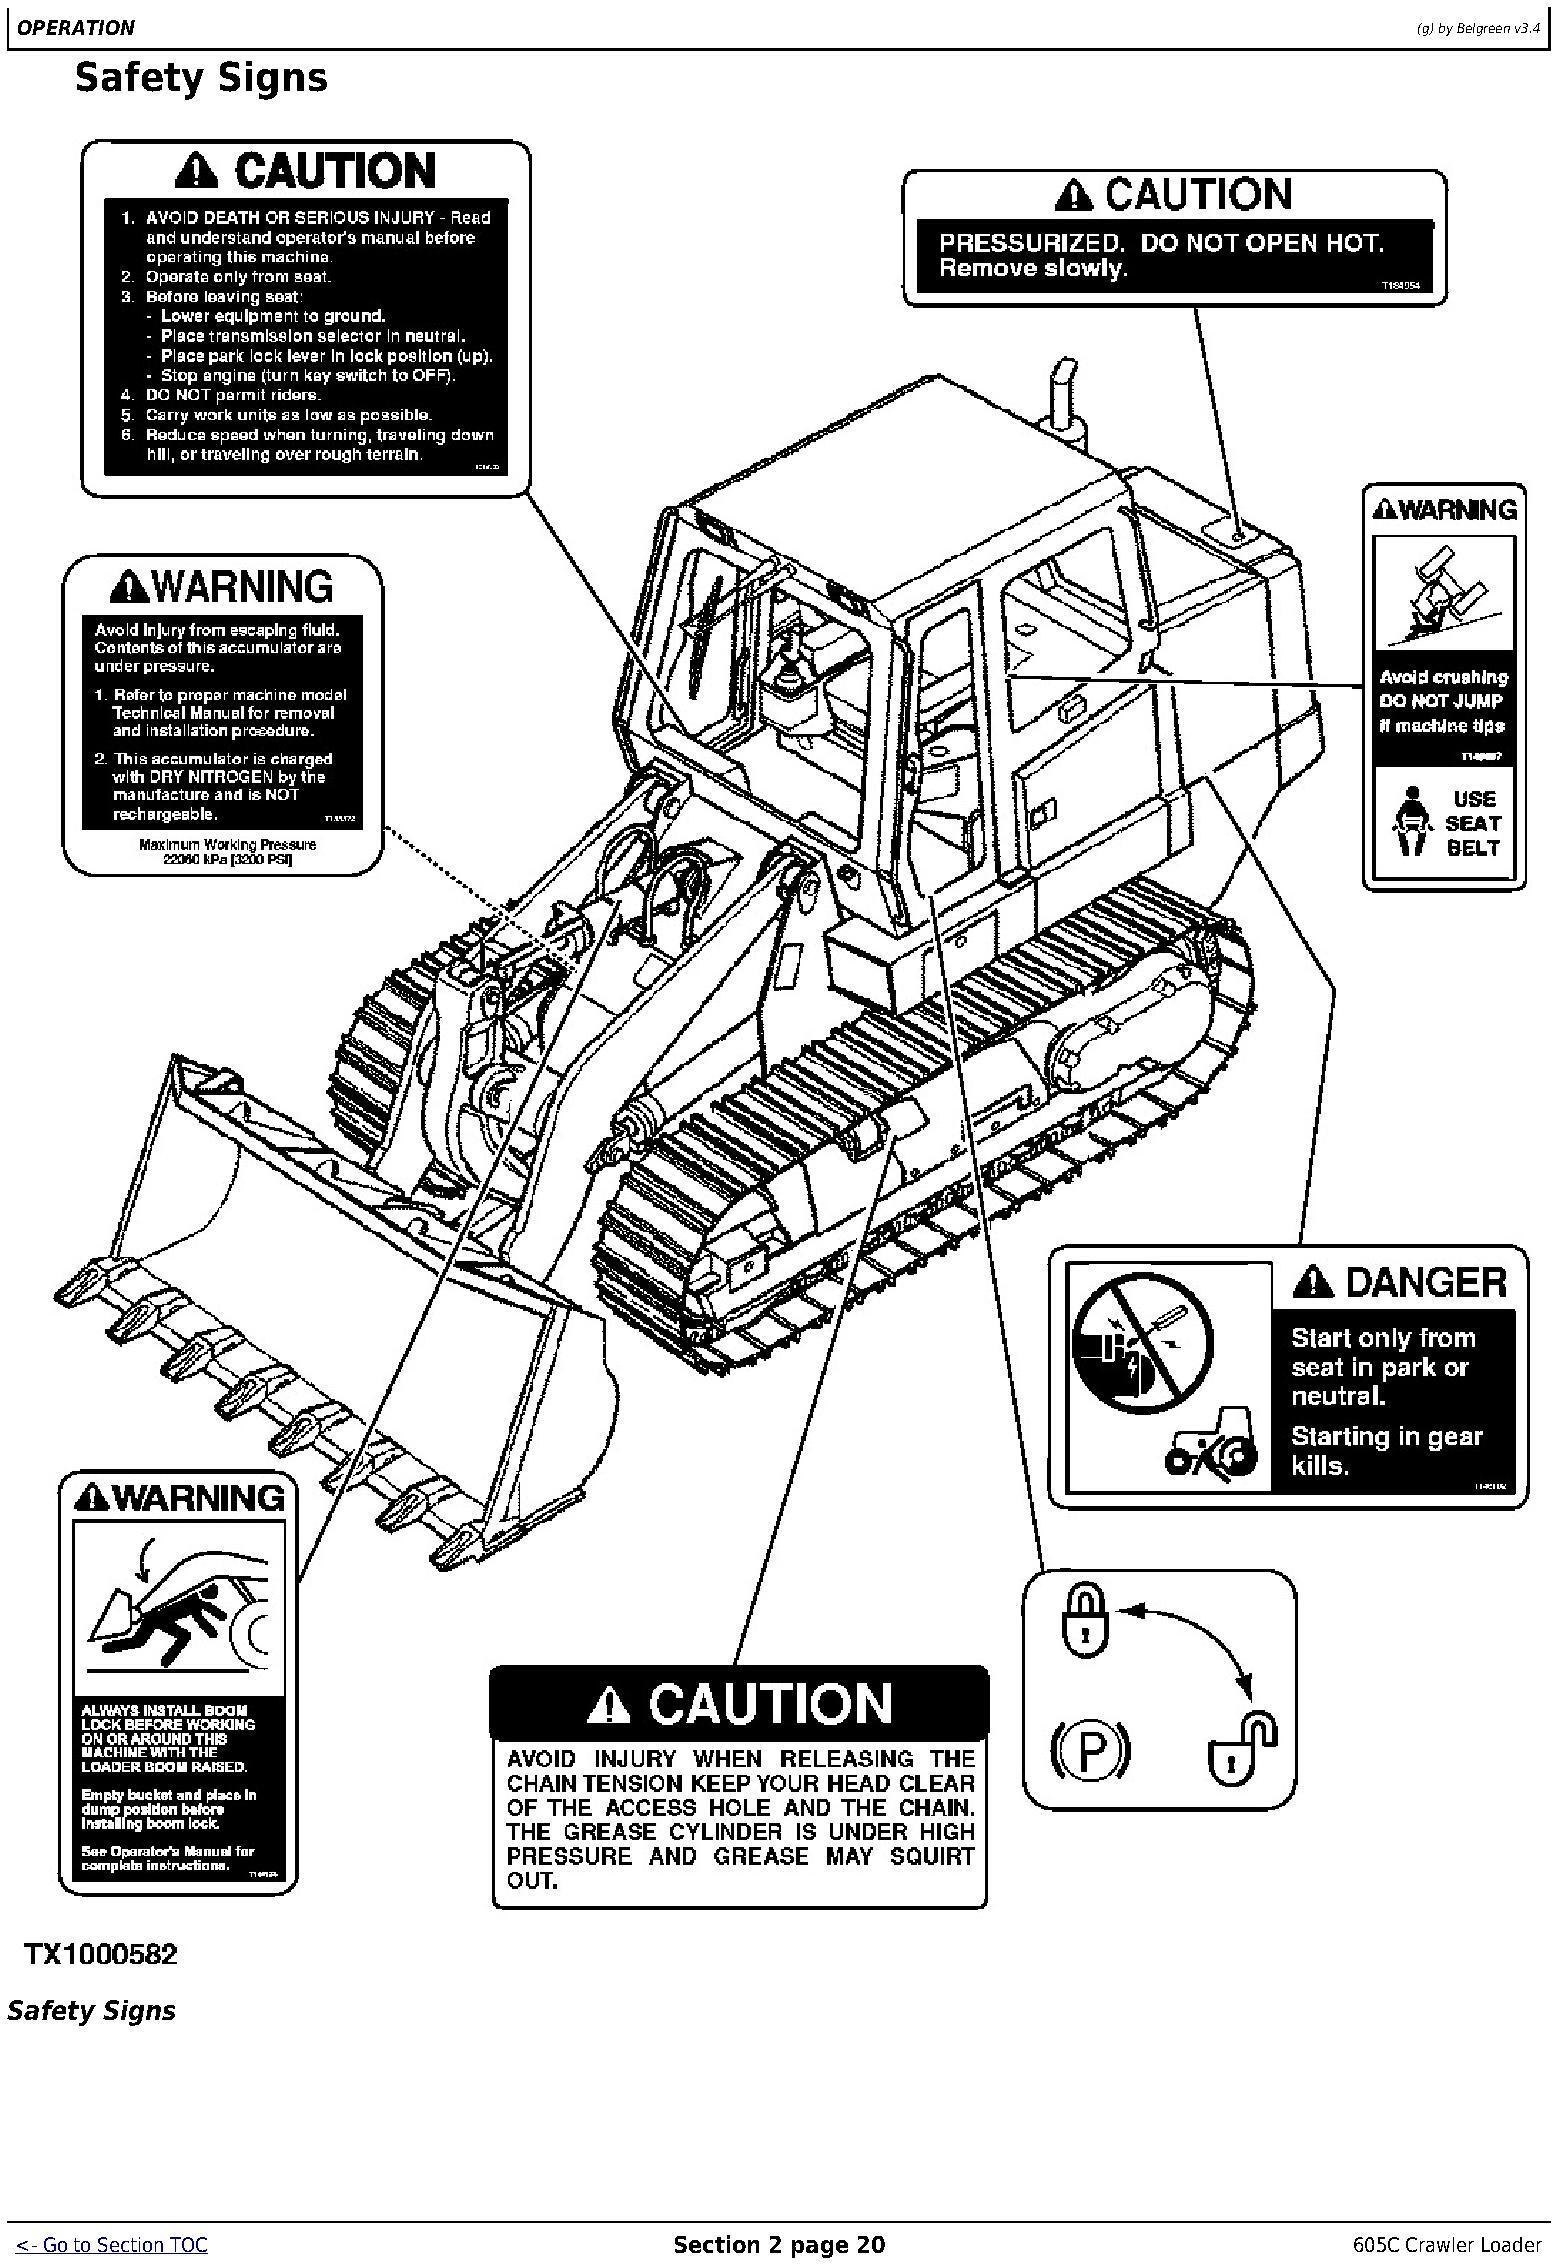 OMT217598 - John Deere 605C Crawler Loader Operators Manual - 1